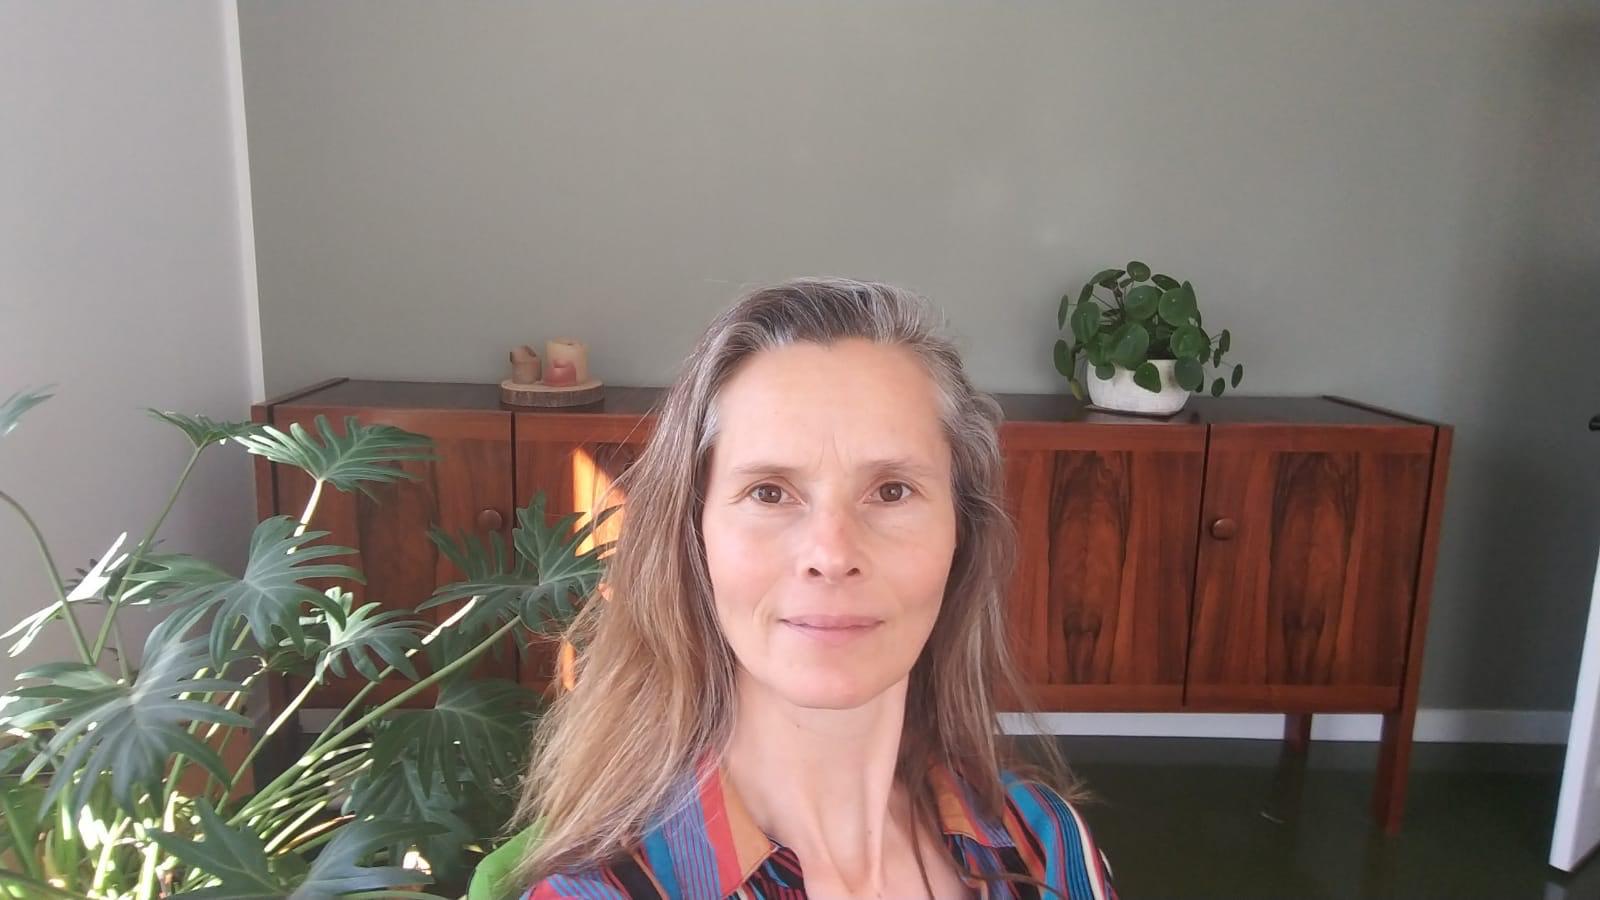 Linda Krikke AVS-Radiant stralingsonderwijs